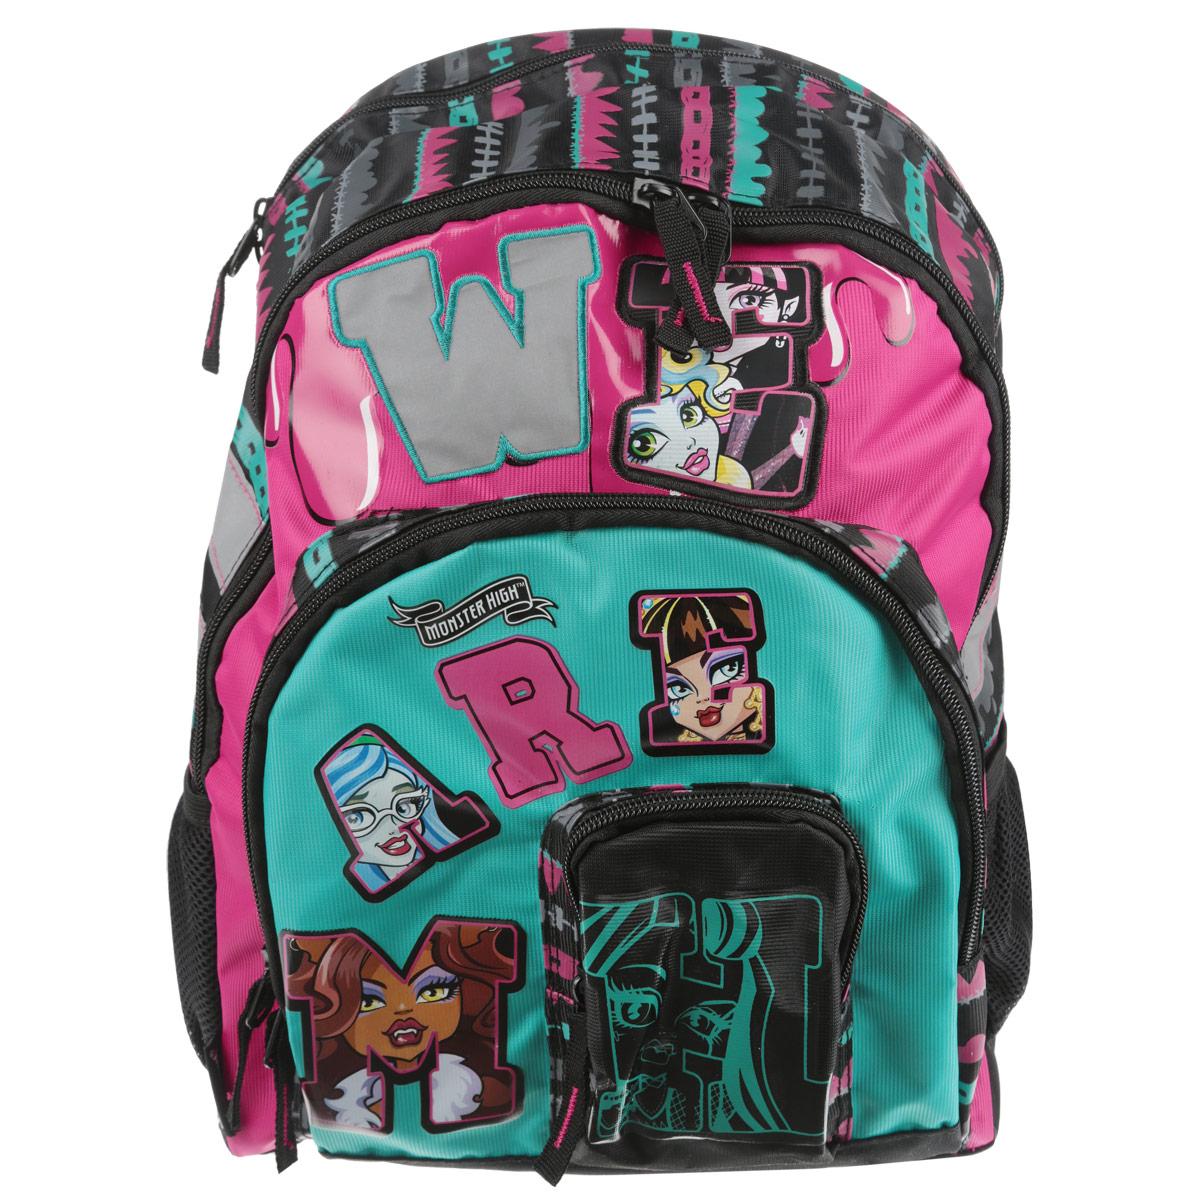 Рюкзак школьный Monster High, цвет: черный, розовый, бирюзовый. MHCB-MT1-767BRCB-UT4-541Яркий стильный школьный рюкзак Monster High понравится каждой девочке-поклоннице мультсериала Школа монстров. Выполнен из прочных и высококачественных материалов, дополнен изображением учениц Monster High.Содержит два вместительных отделения, закрывающиеся на застежки-молнии. В большом отделении находятся две перегородки для тетрадей или учебников. Дно рюкзака можно сделать жестким, разложив специальную панель с пластиковой вставкой, что повышает сохранность содержимого рюкзака и способствует правильному распределению нагрузки. Лицевая сторона оснащена двумя накладными карманами на молнии, один из которых для мобильного телефона. По бокам расположены два открытых накладных кармана, стянутых сверху резинкой. Специально разработанная архитектура спинки со стабилизирующими набивными элементами повторяет естественный изгиб позвоночника. Набивные элементы обеспечивают вентиляцию спины ребенка. Мягкие широкие лямки позволяют легко и быстро отрегулировать рюкзак в соответствии с ростом. Рюкзак оснащен эргономичной ручкой для удобной переноски в руке. Светоотражающие элементы обеспечивают безопасность в темное время суток.Такой школьный рюкзак станет незаменимым спутником вашего ребенка в походах за знаниями.Рекомендуемый возраст: от 10 лет.